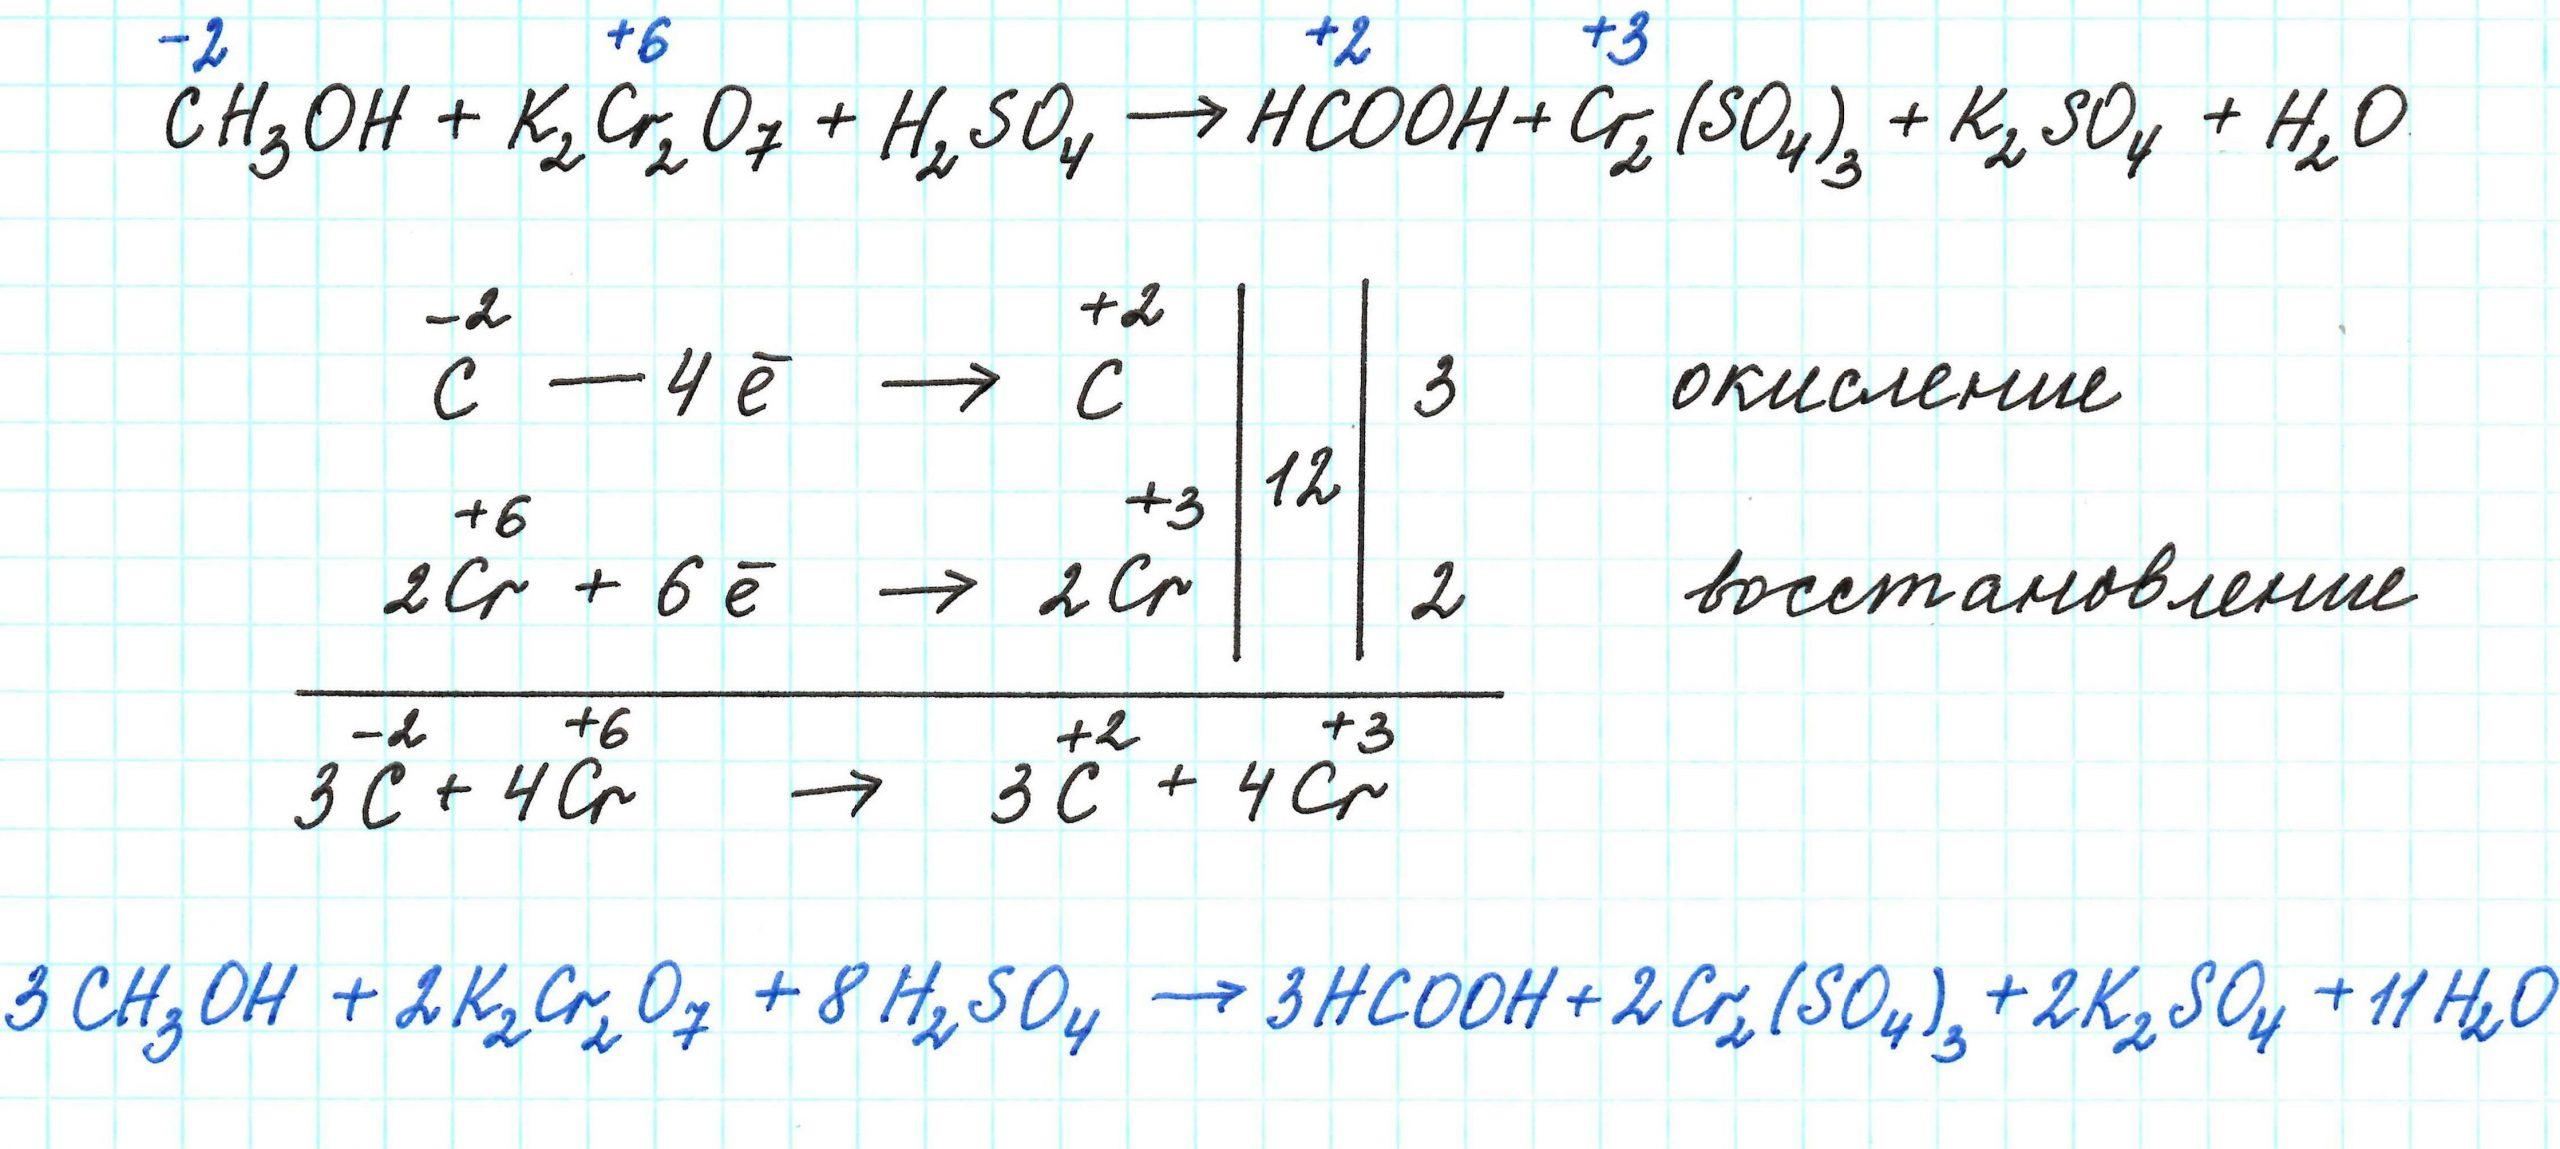 kak-opredelit-stepen-okisleniya-v-organicheskix-soedineniya